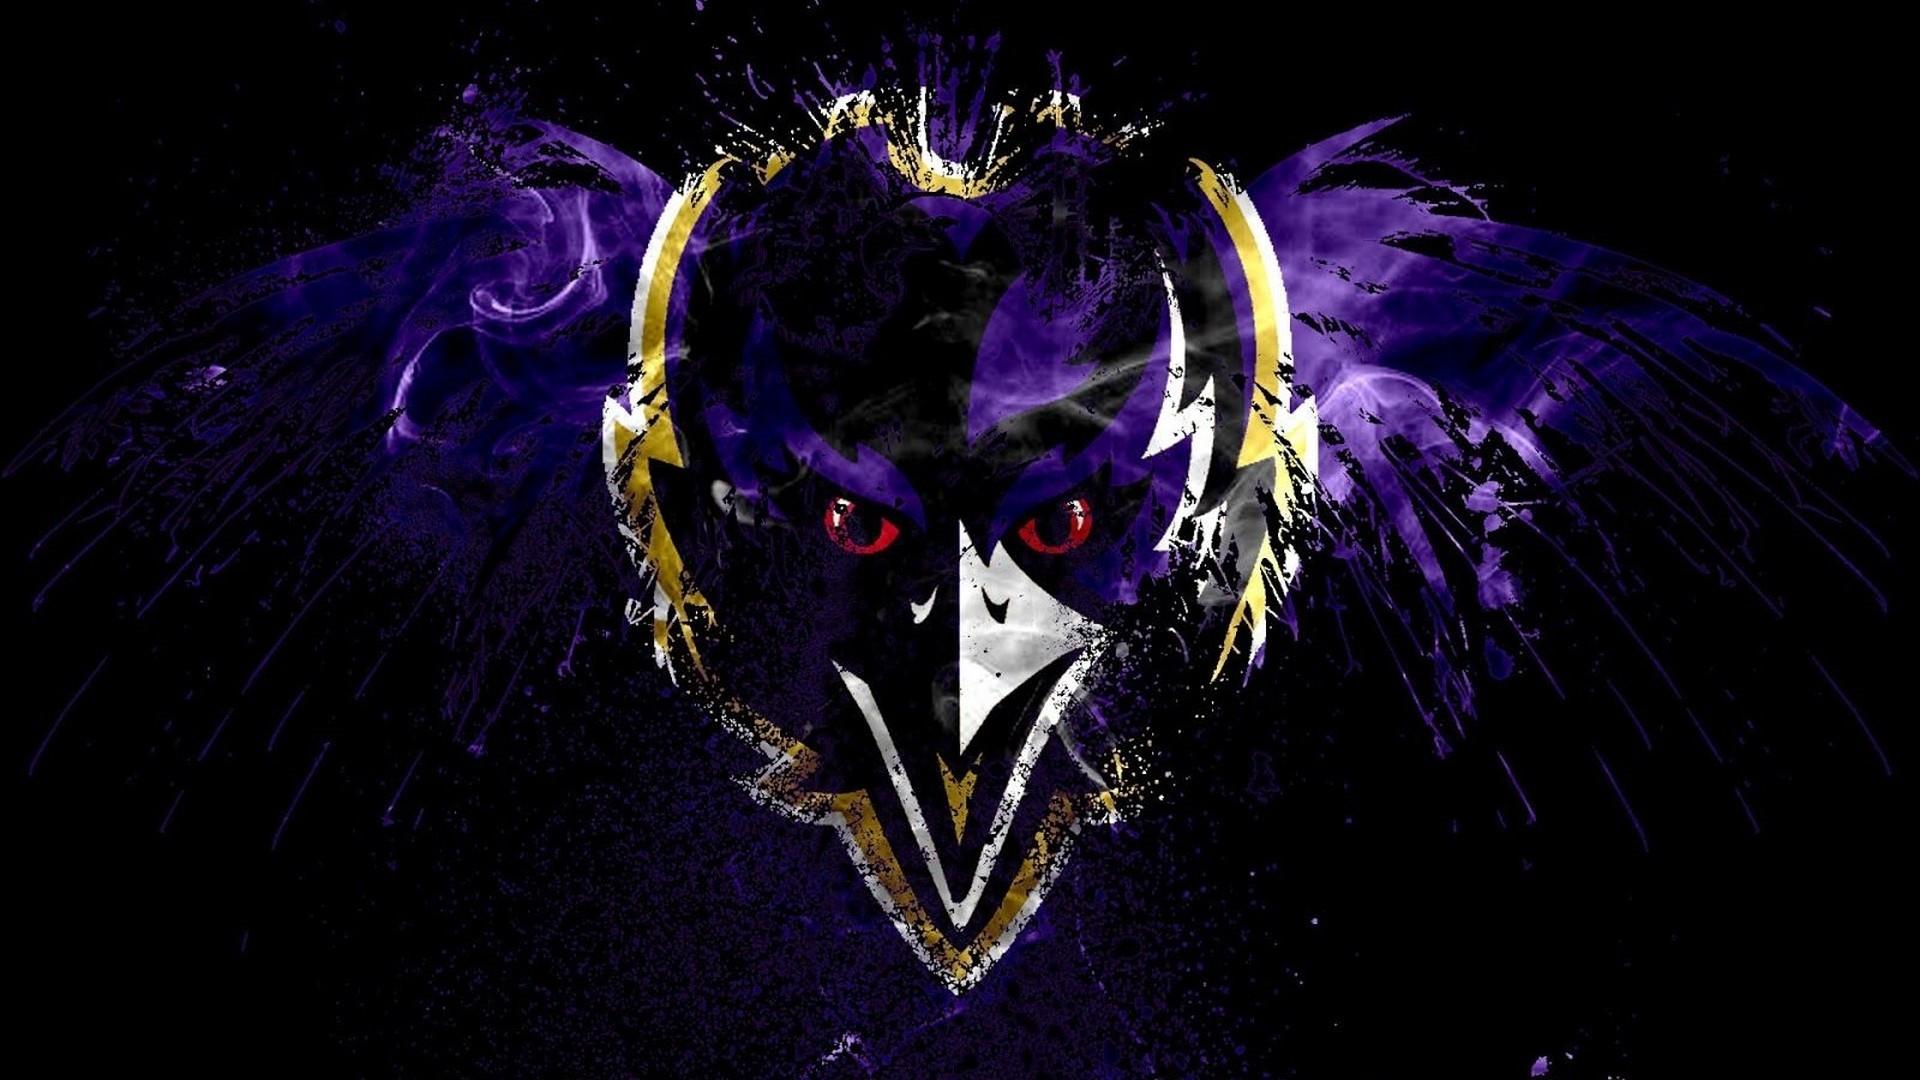 Baltimore Ravens Wallpaper theme